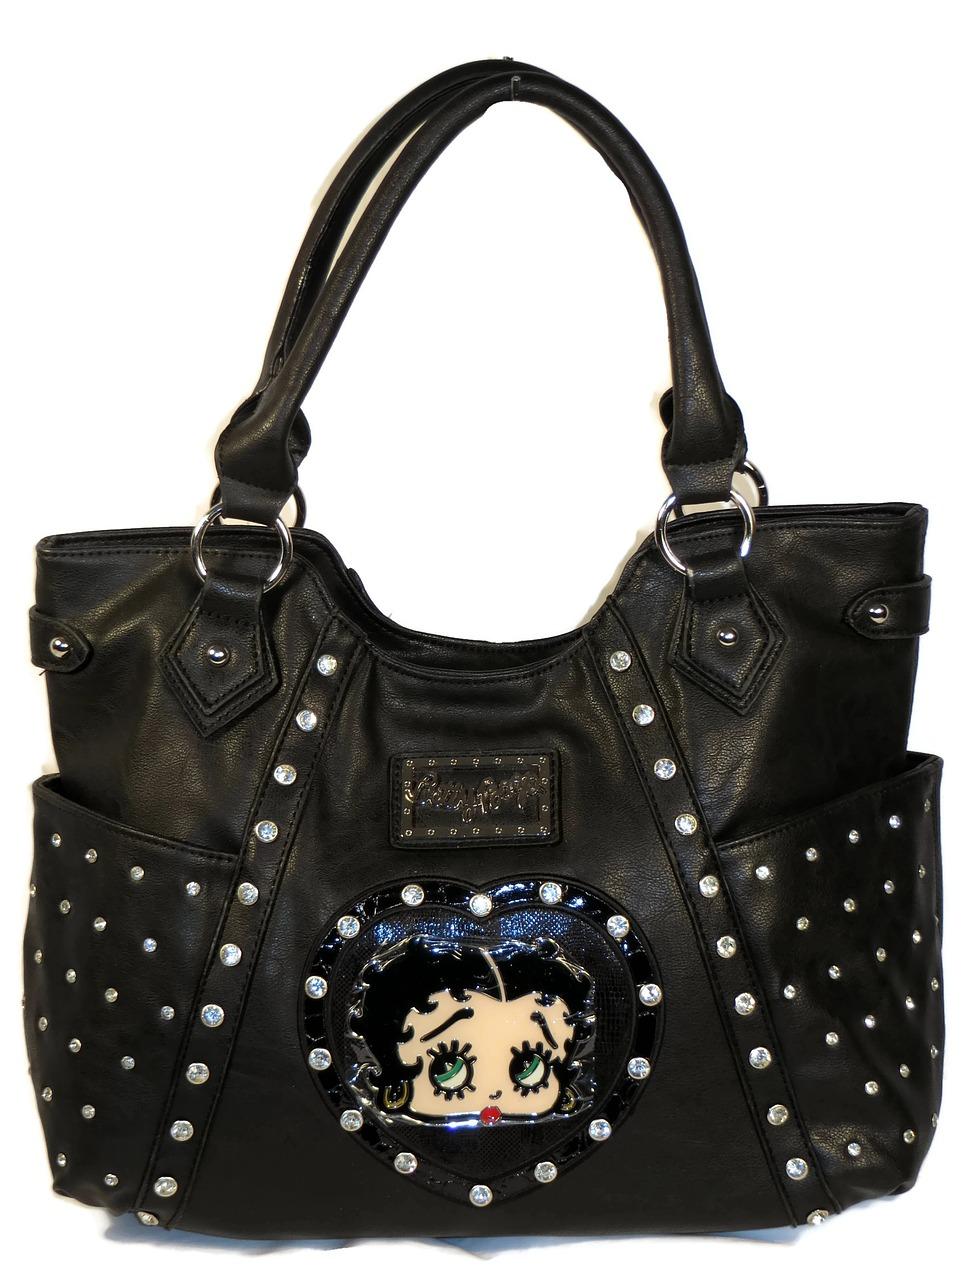 Designerskie torebki damskie – zakup, który nieomal poróżnił przyjaciółki